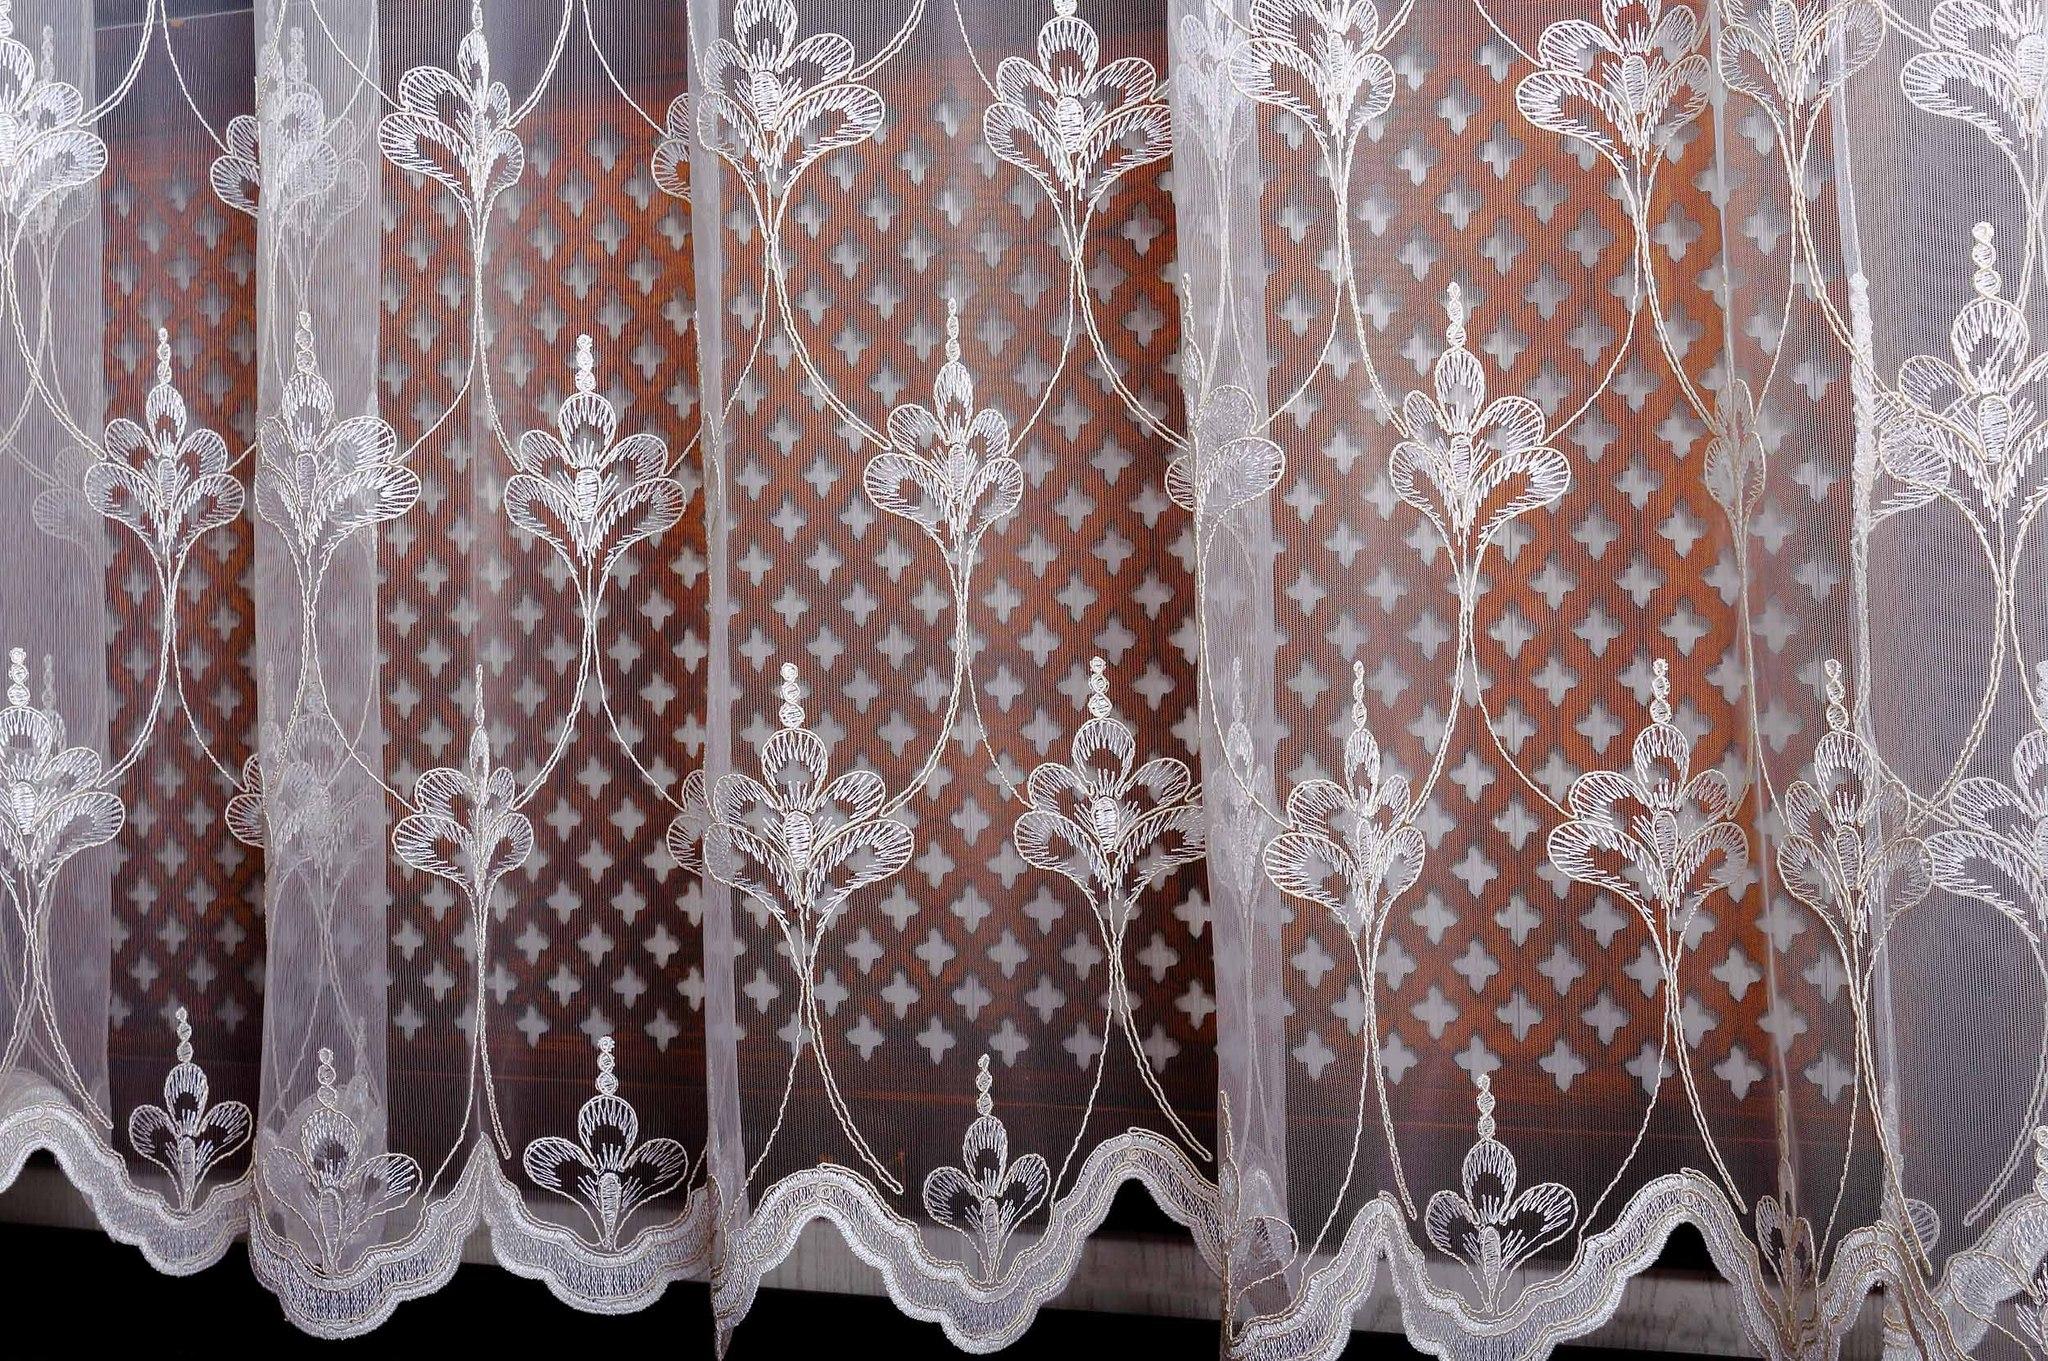 Готовая штора. Микросетка с вышивкой Корона (крем)